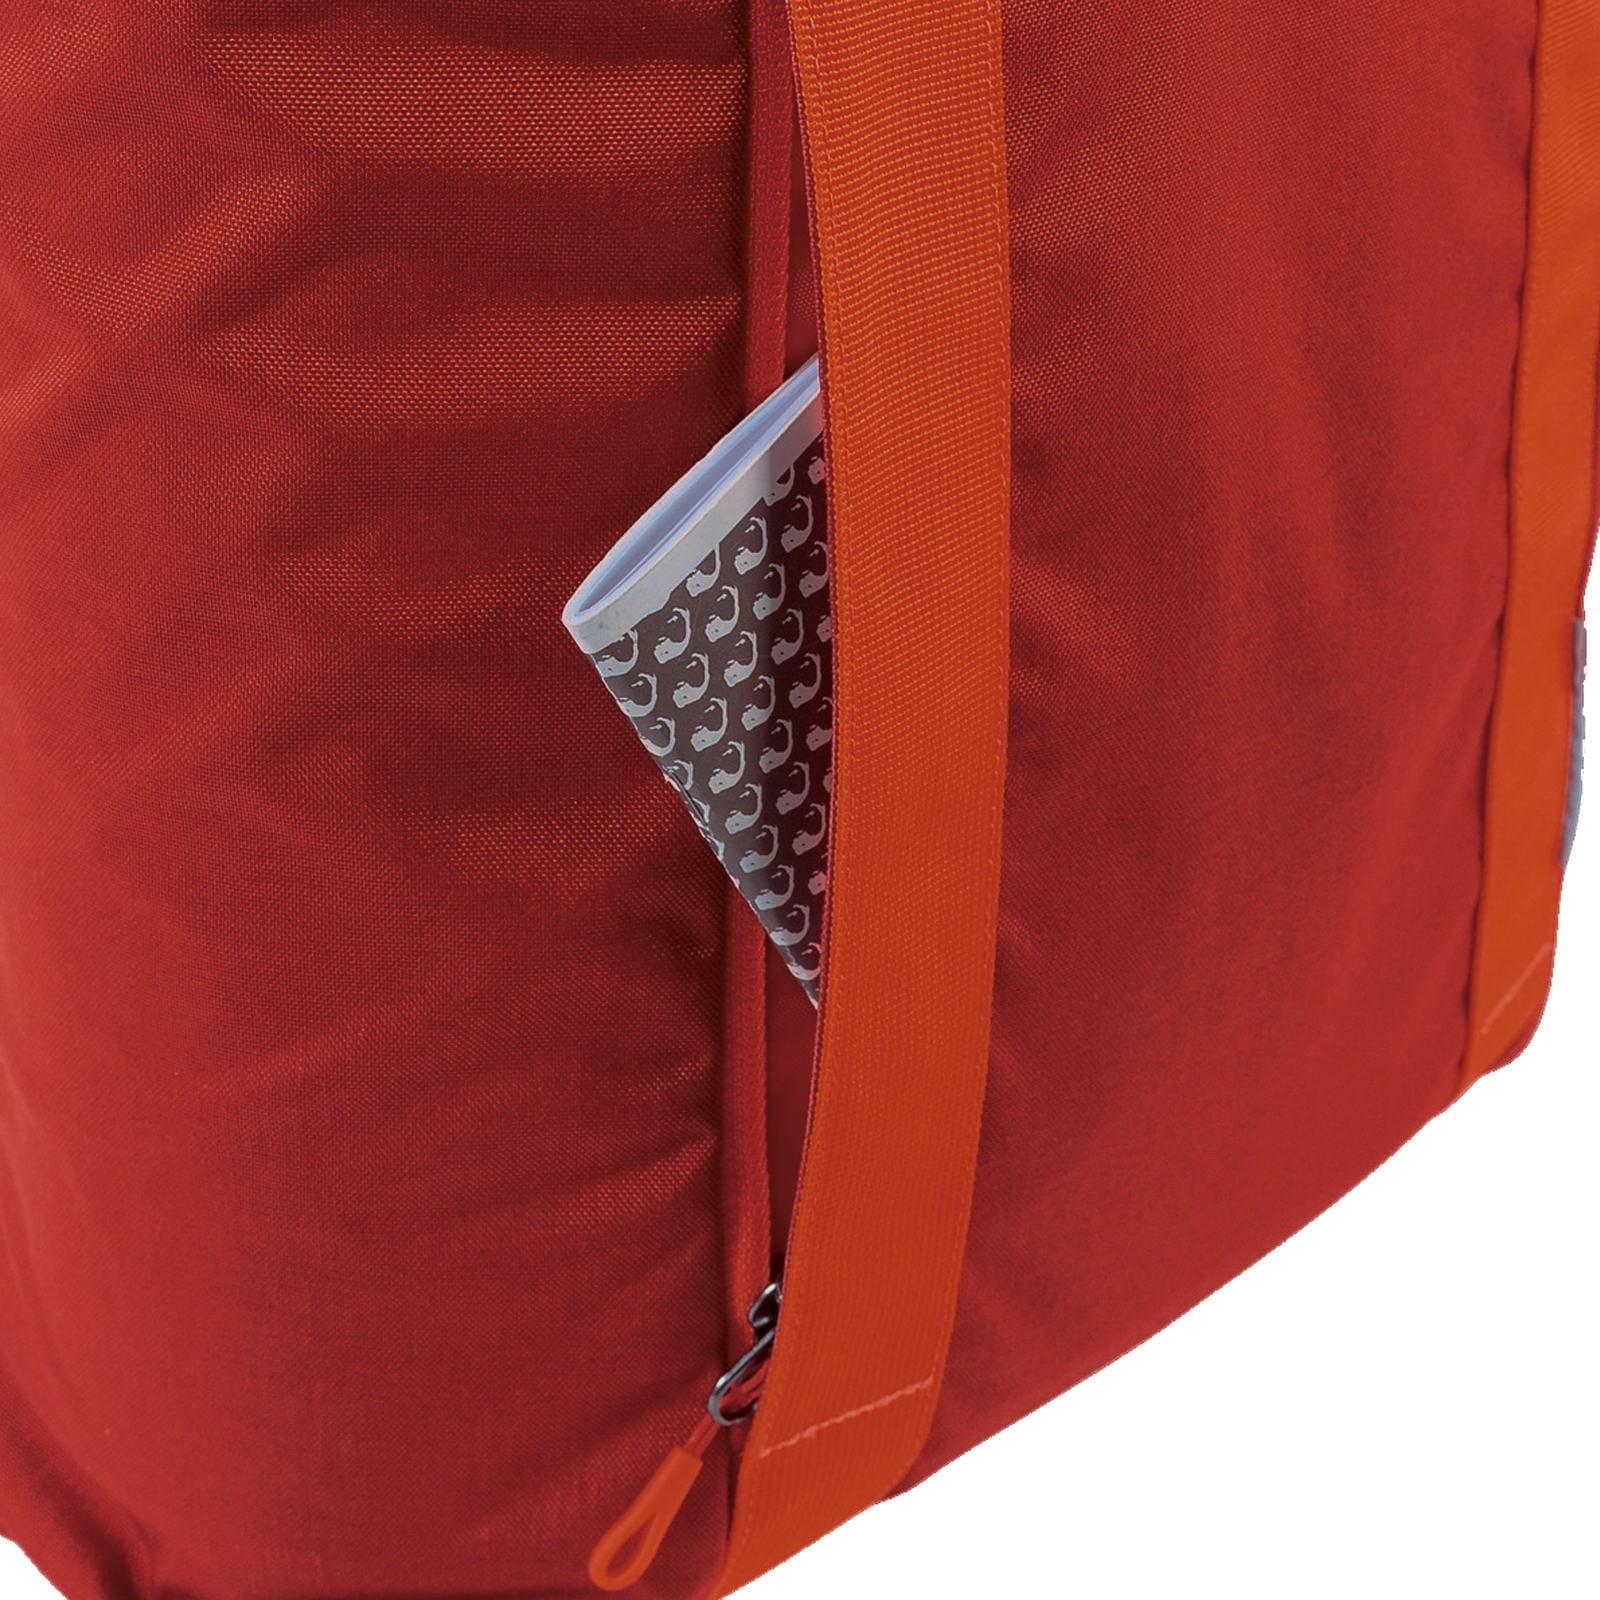 Tatonka Grip Bag - Rucksack-Einkaufstasche - Bild 10